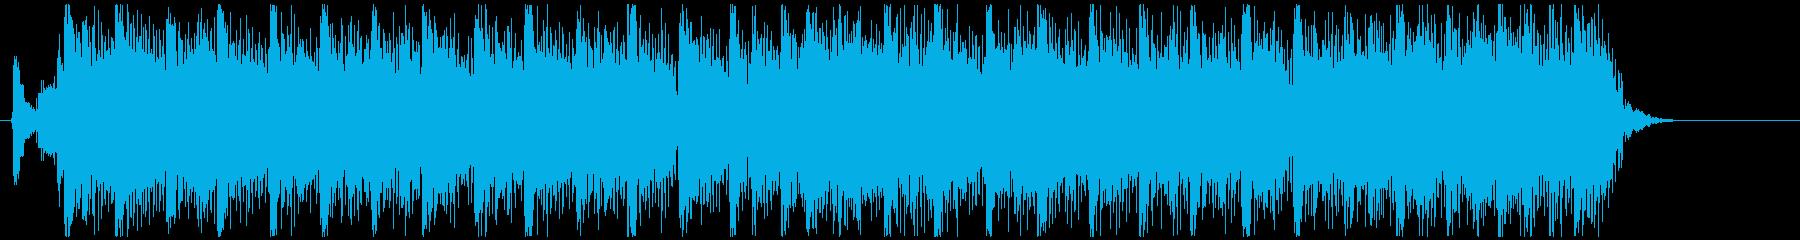 スピード感のあるギターバンドのジングルの再生済みの波形